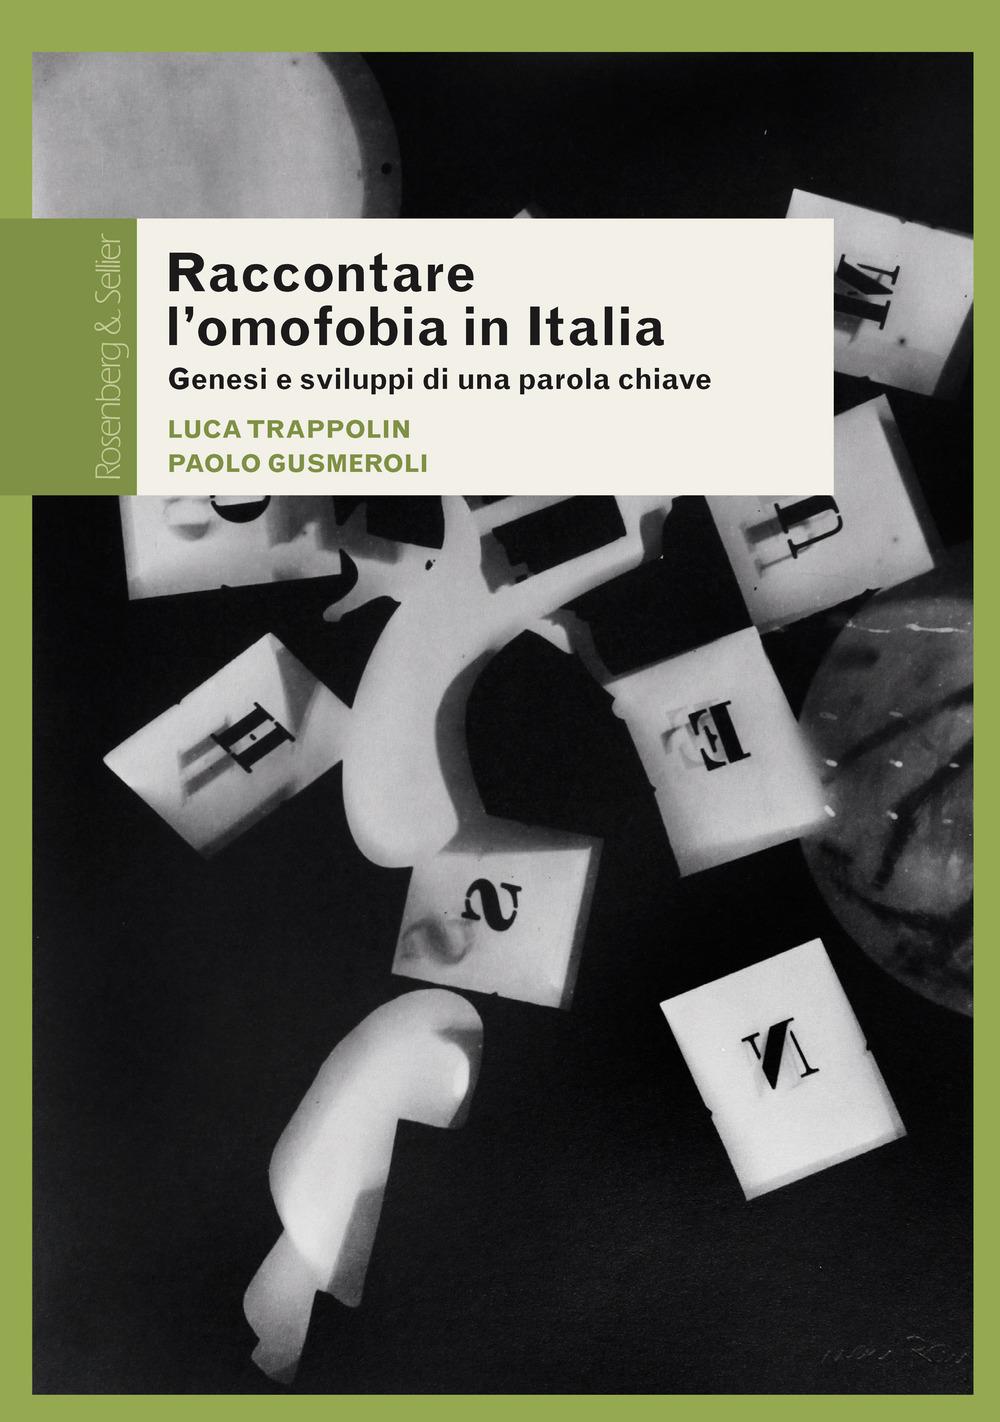 Raccontare l'omofobia in Italia. Genesi e sviluppi di una parola chiave